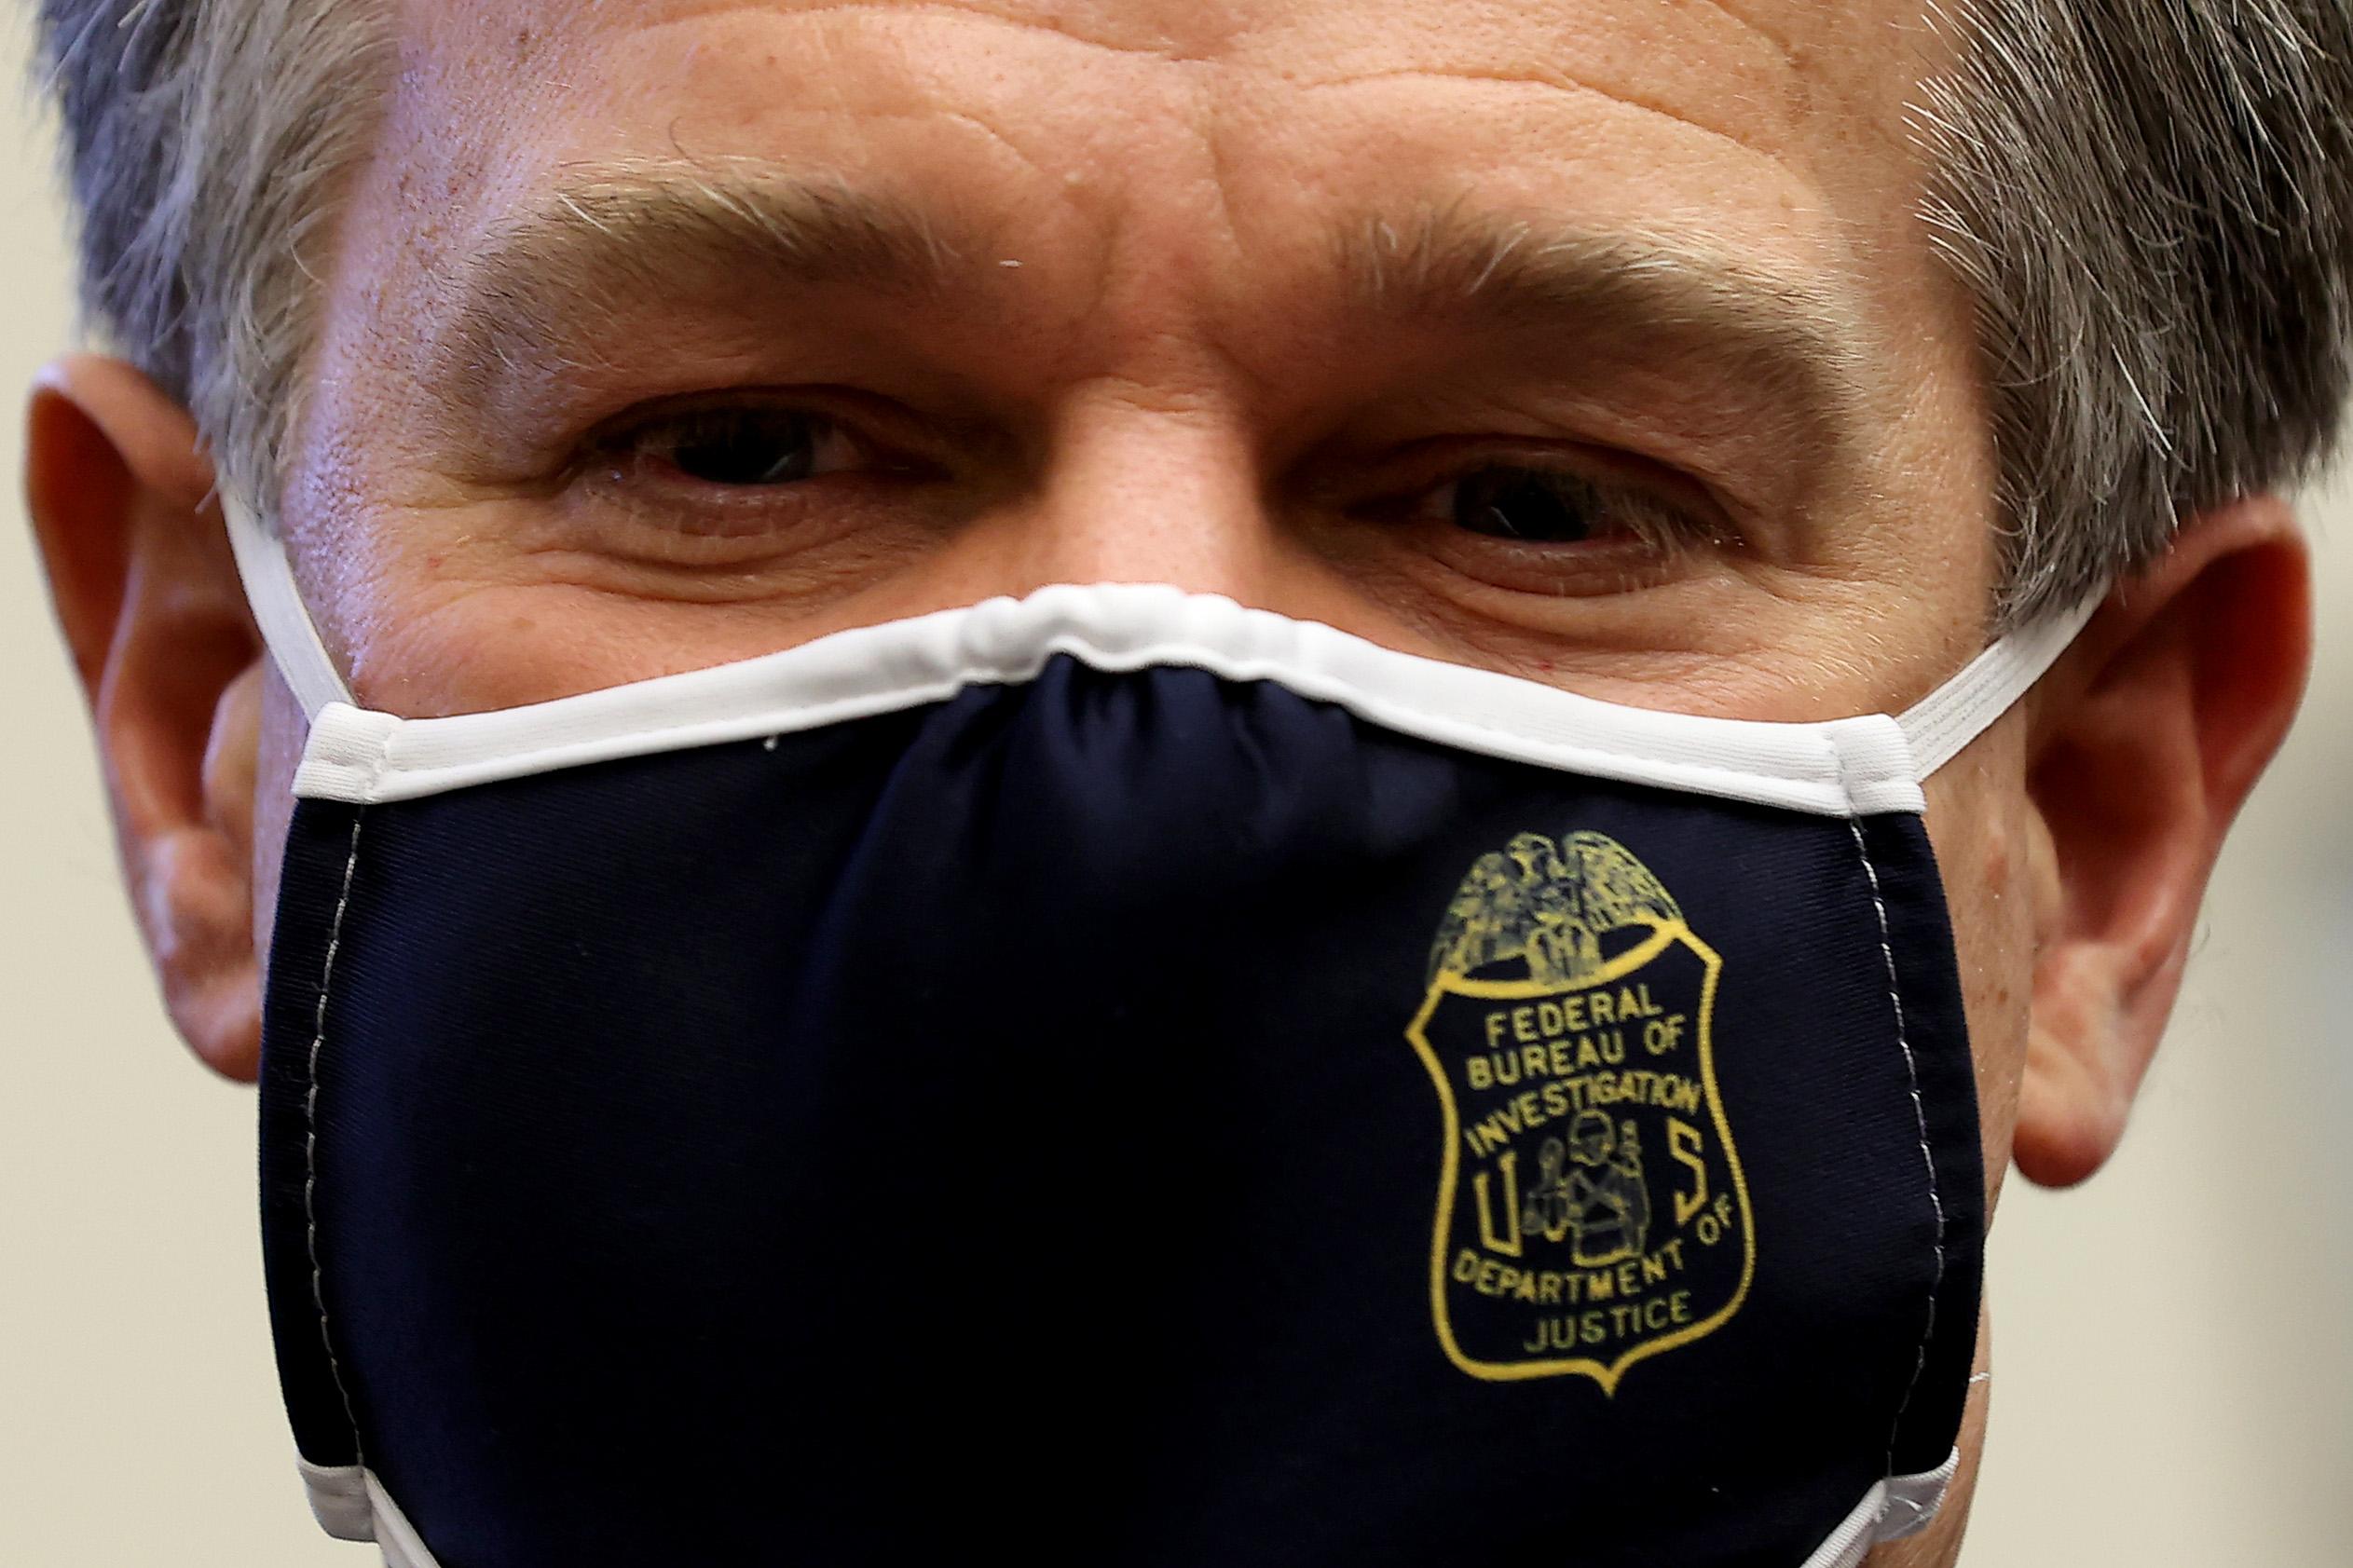 Az FBI igazgatója figyelmeztetett, hogy az oroszok Joe Biden kampányát is megpróbálják befolyásolni